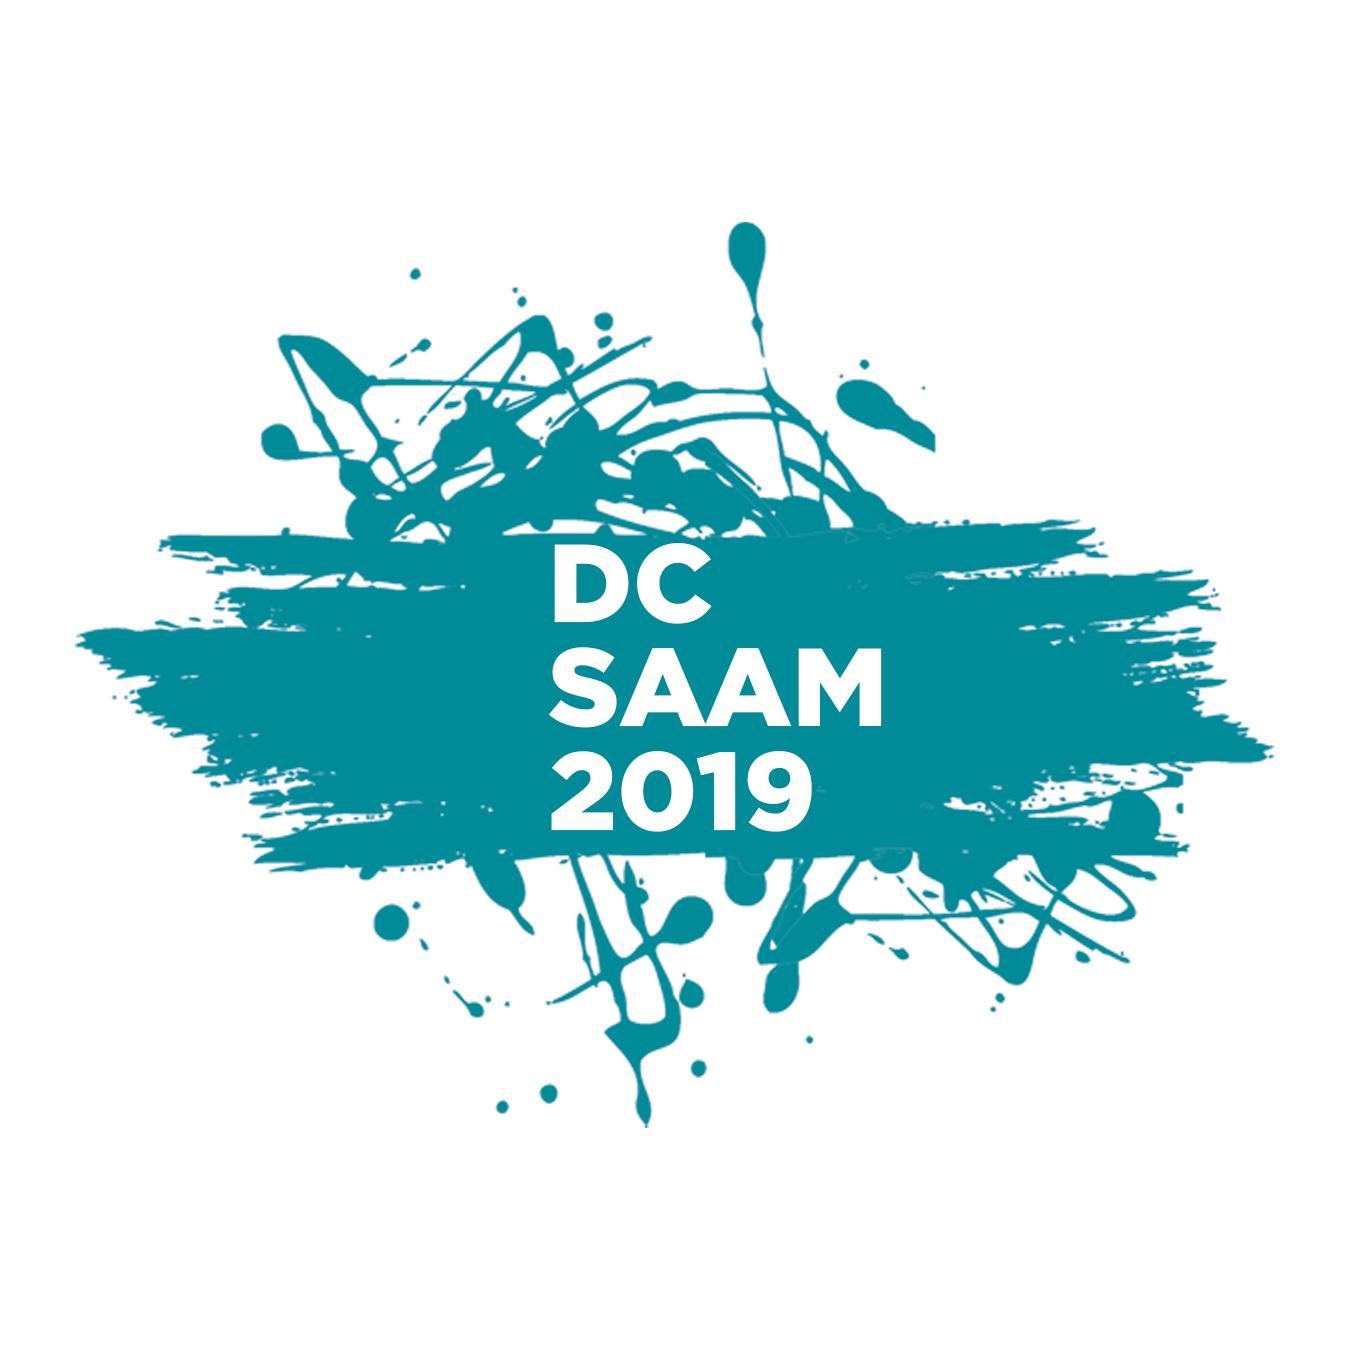 DCSAAM2019_logo.png